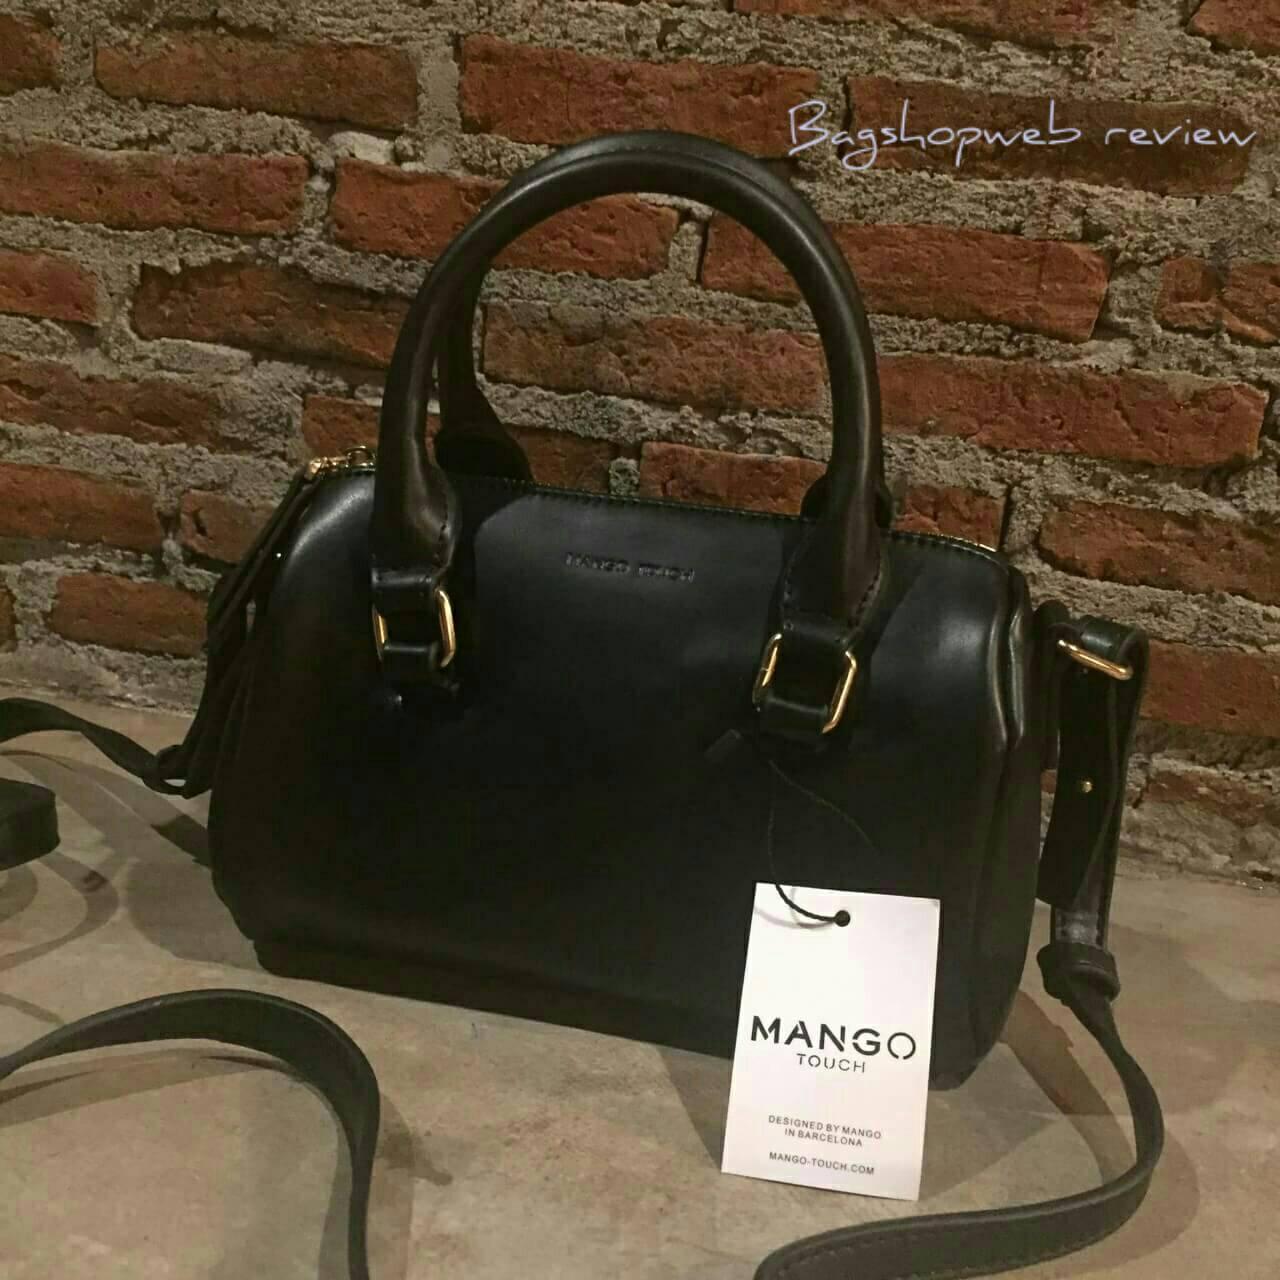 กระเป๋าจากแบรนด์ Mango รุ่น Mango Touch Mini Pillow Bag ทรงสุดฮิตที่ใช้ได้ทุกโอกาส ใบเล็กจุได้พอควรเลยค่ะ หนังนิ่มน่าใช้อะไหล่สีทองตัดกับสีหนังดูหรู สายสามารถปรับได้ 3 ระดับ ถอดสายออกจากตัวกระเป๋าถือแบบมินิฟรุ้งฟริ้งก็เก๋อีกแบบค่า สี ดำ